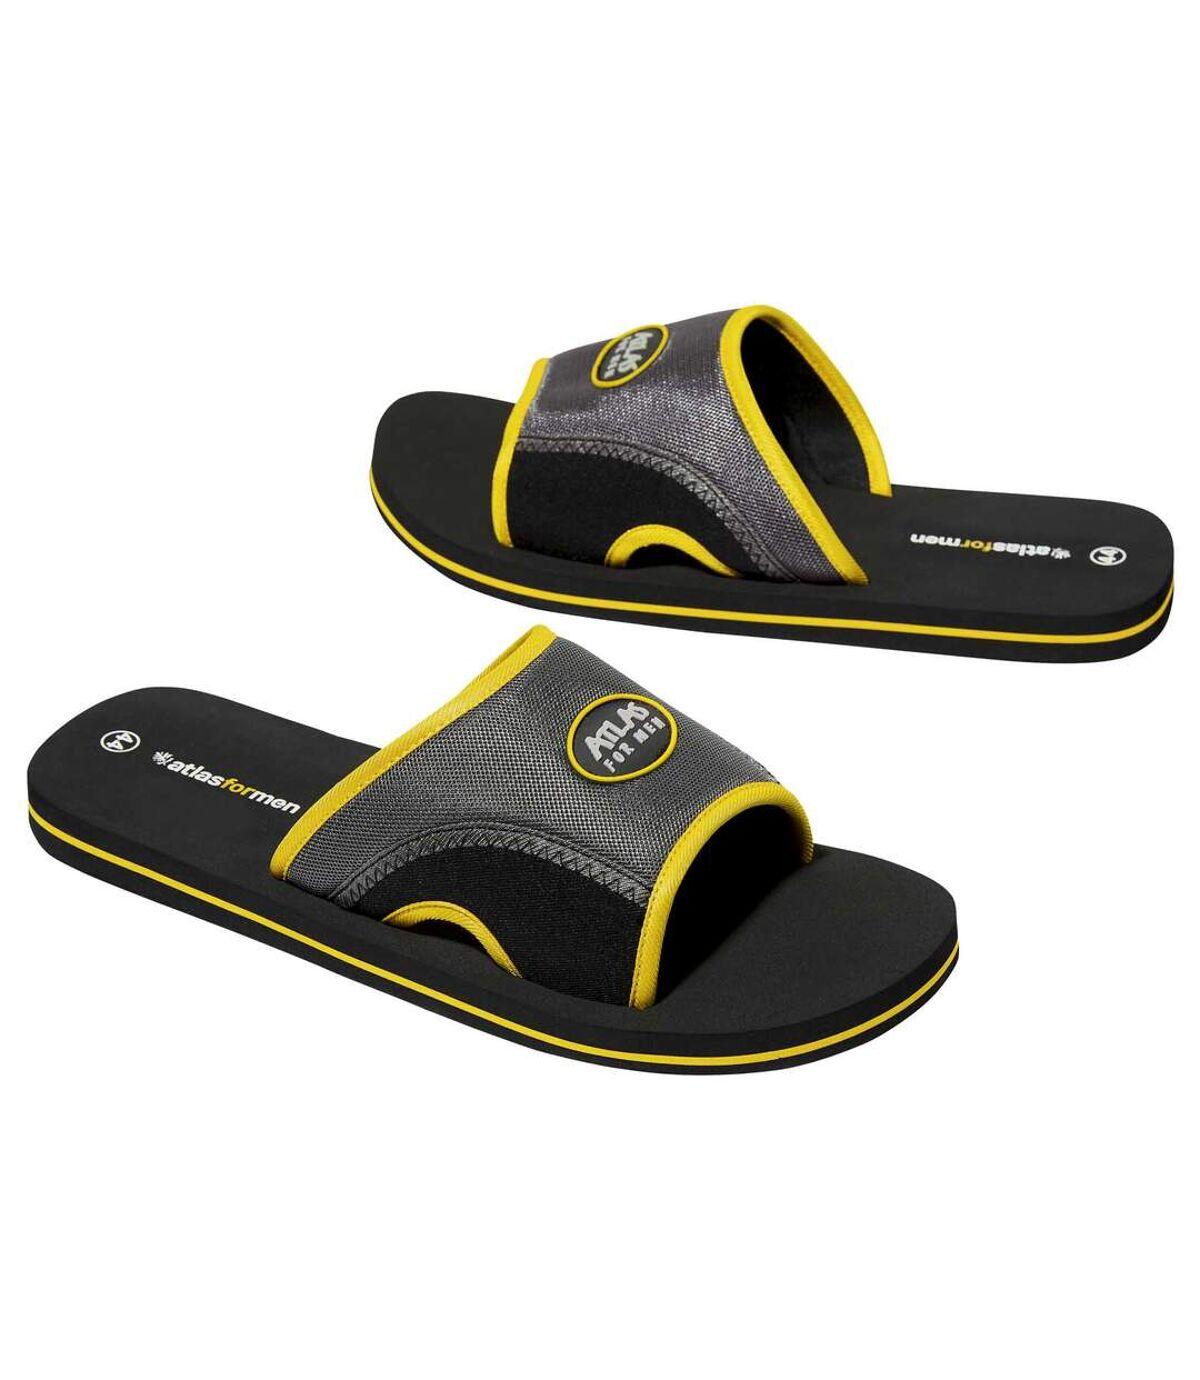 Plážové pantofle Relax Atlas For Men